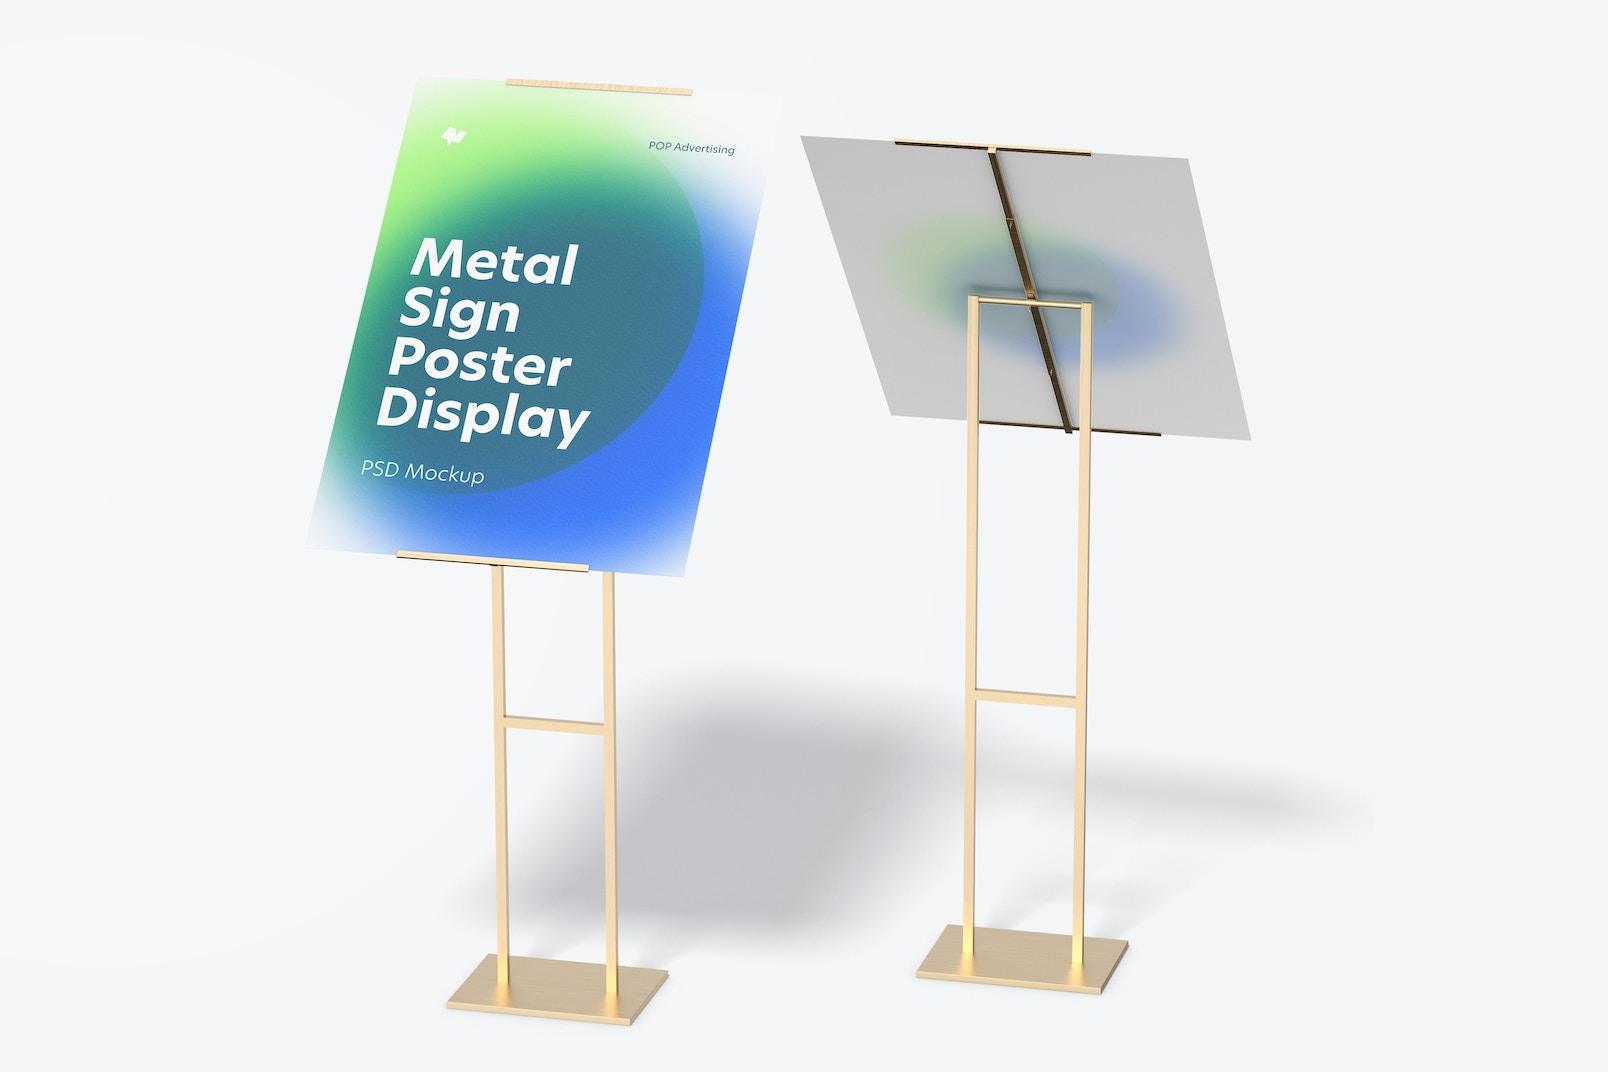 Maqueta de Rompetráficos Metálicos para Poster, Vista Frontal y Posterior